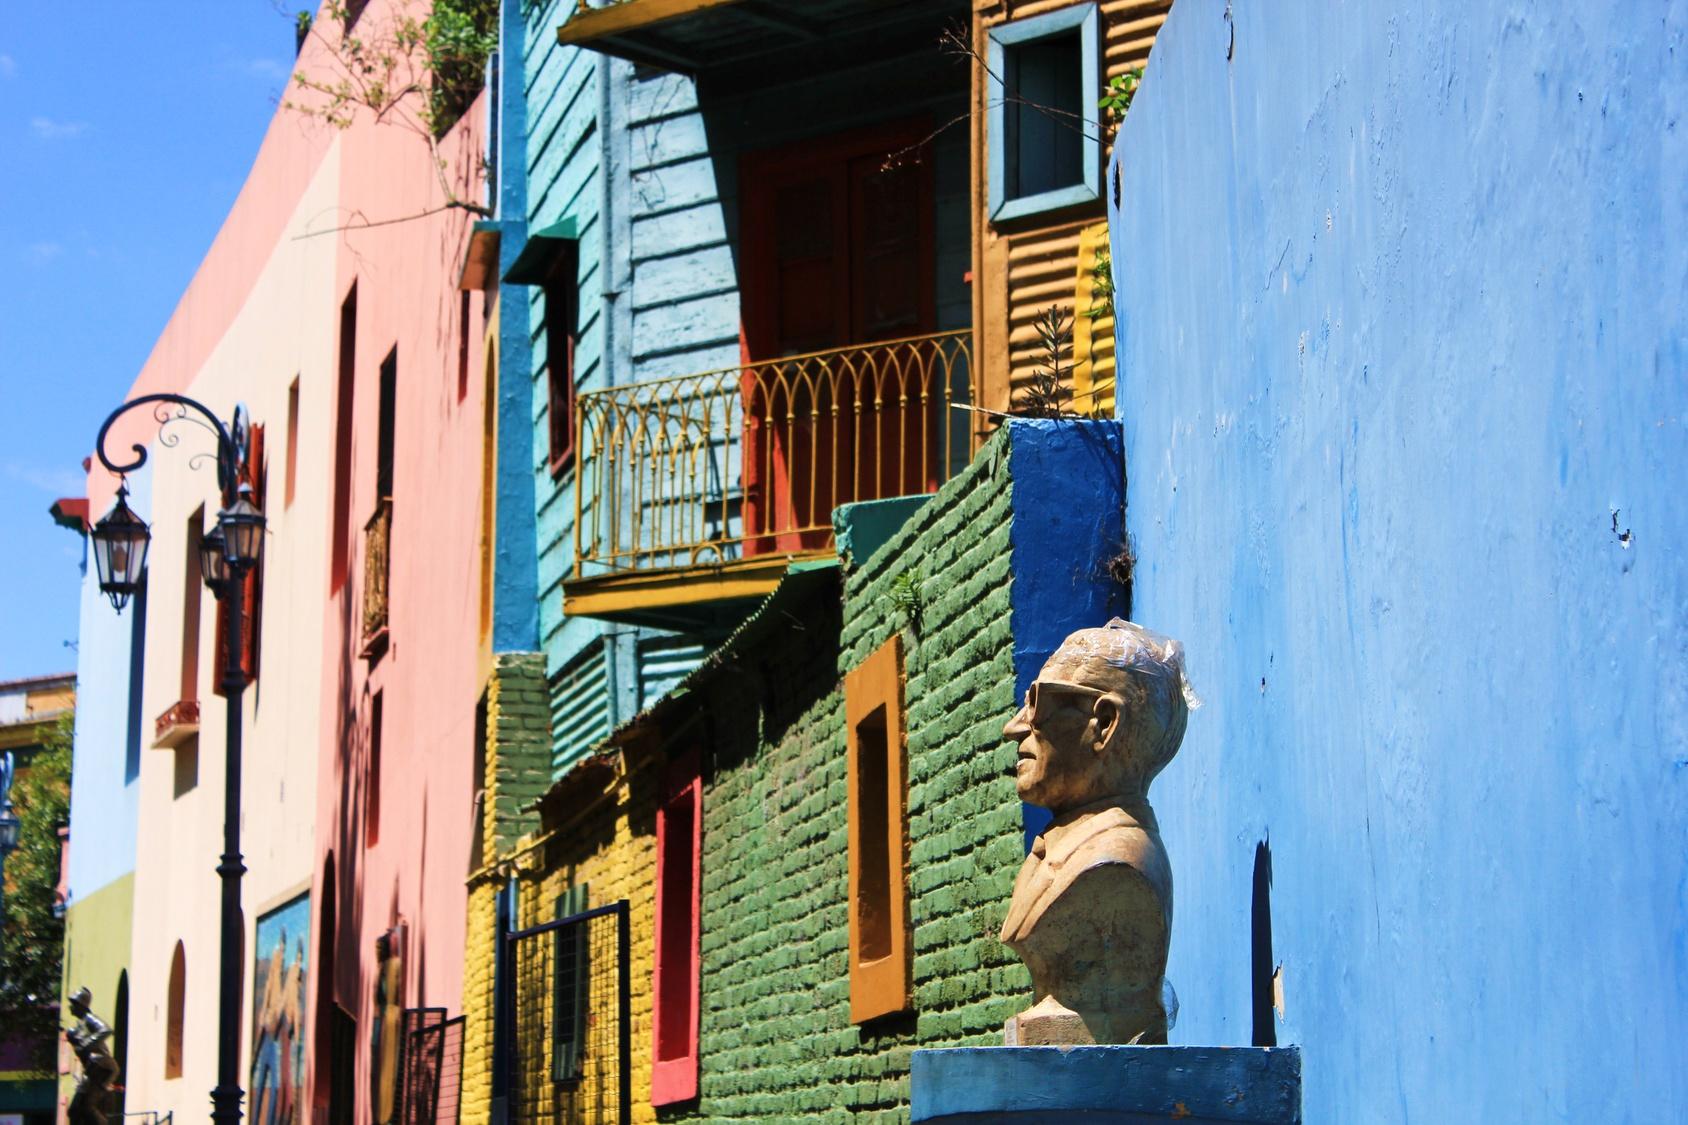 Argentyna&Urugwaj: zaczynamy! Biuro podróży Goforworld by Kuźniar